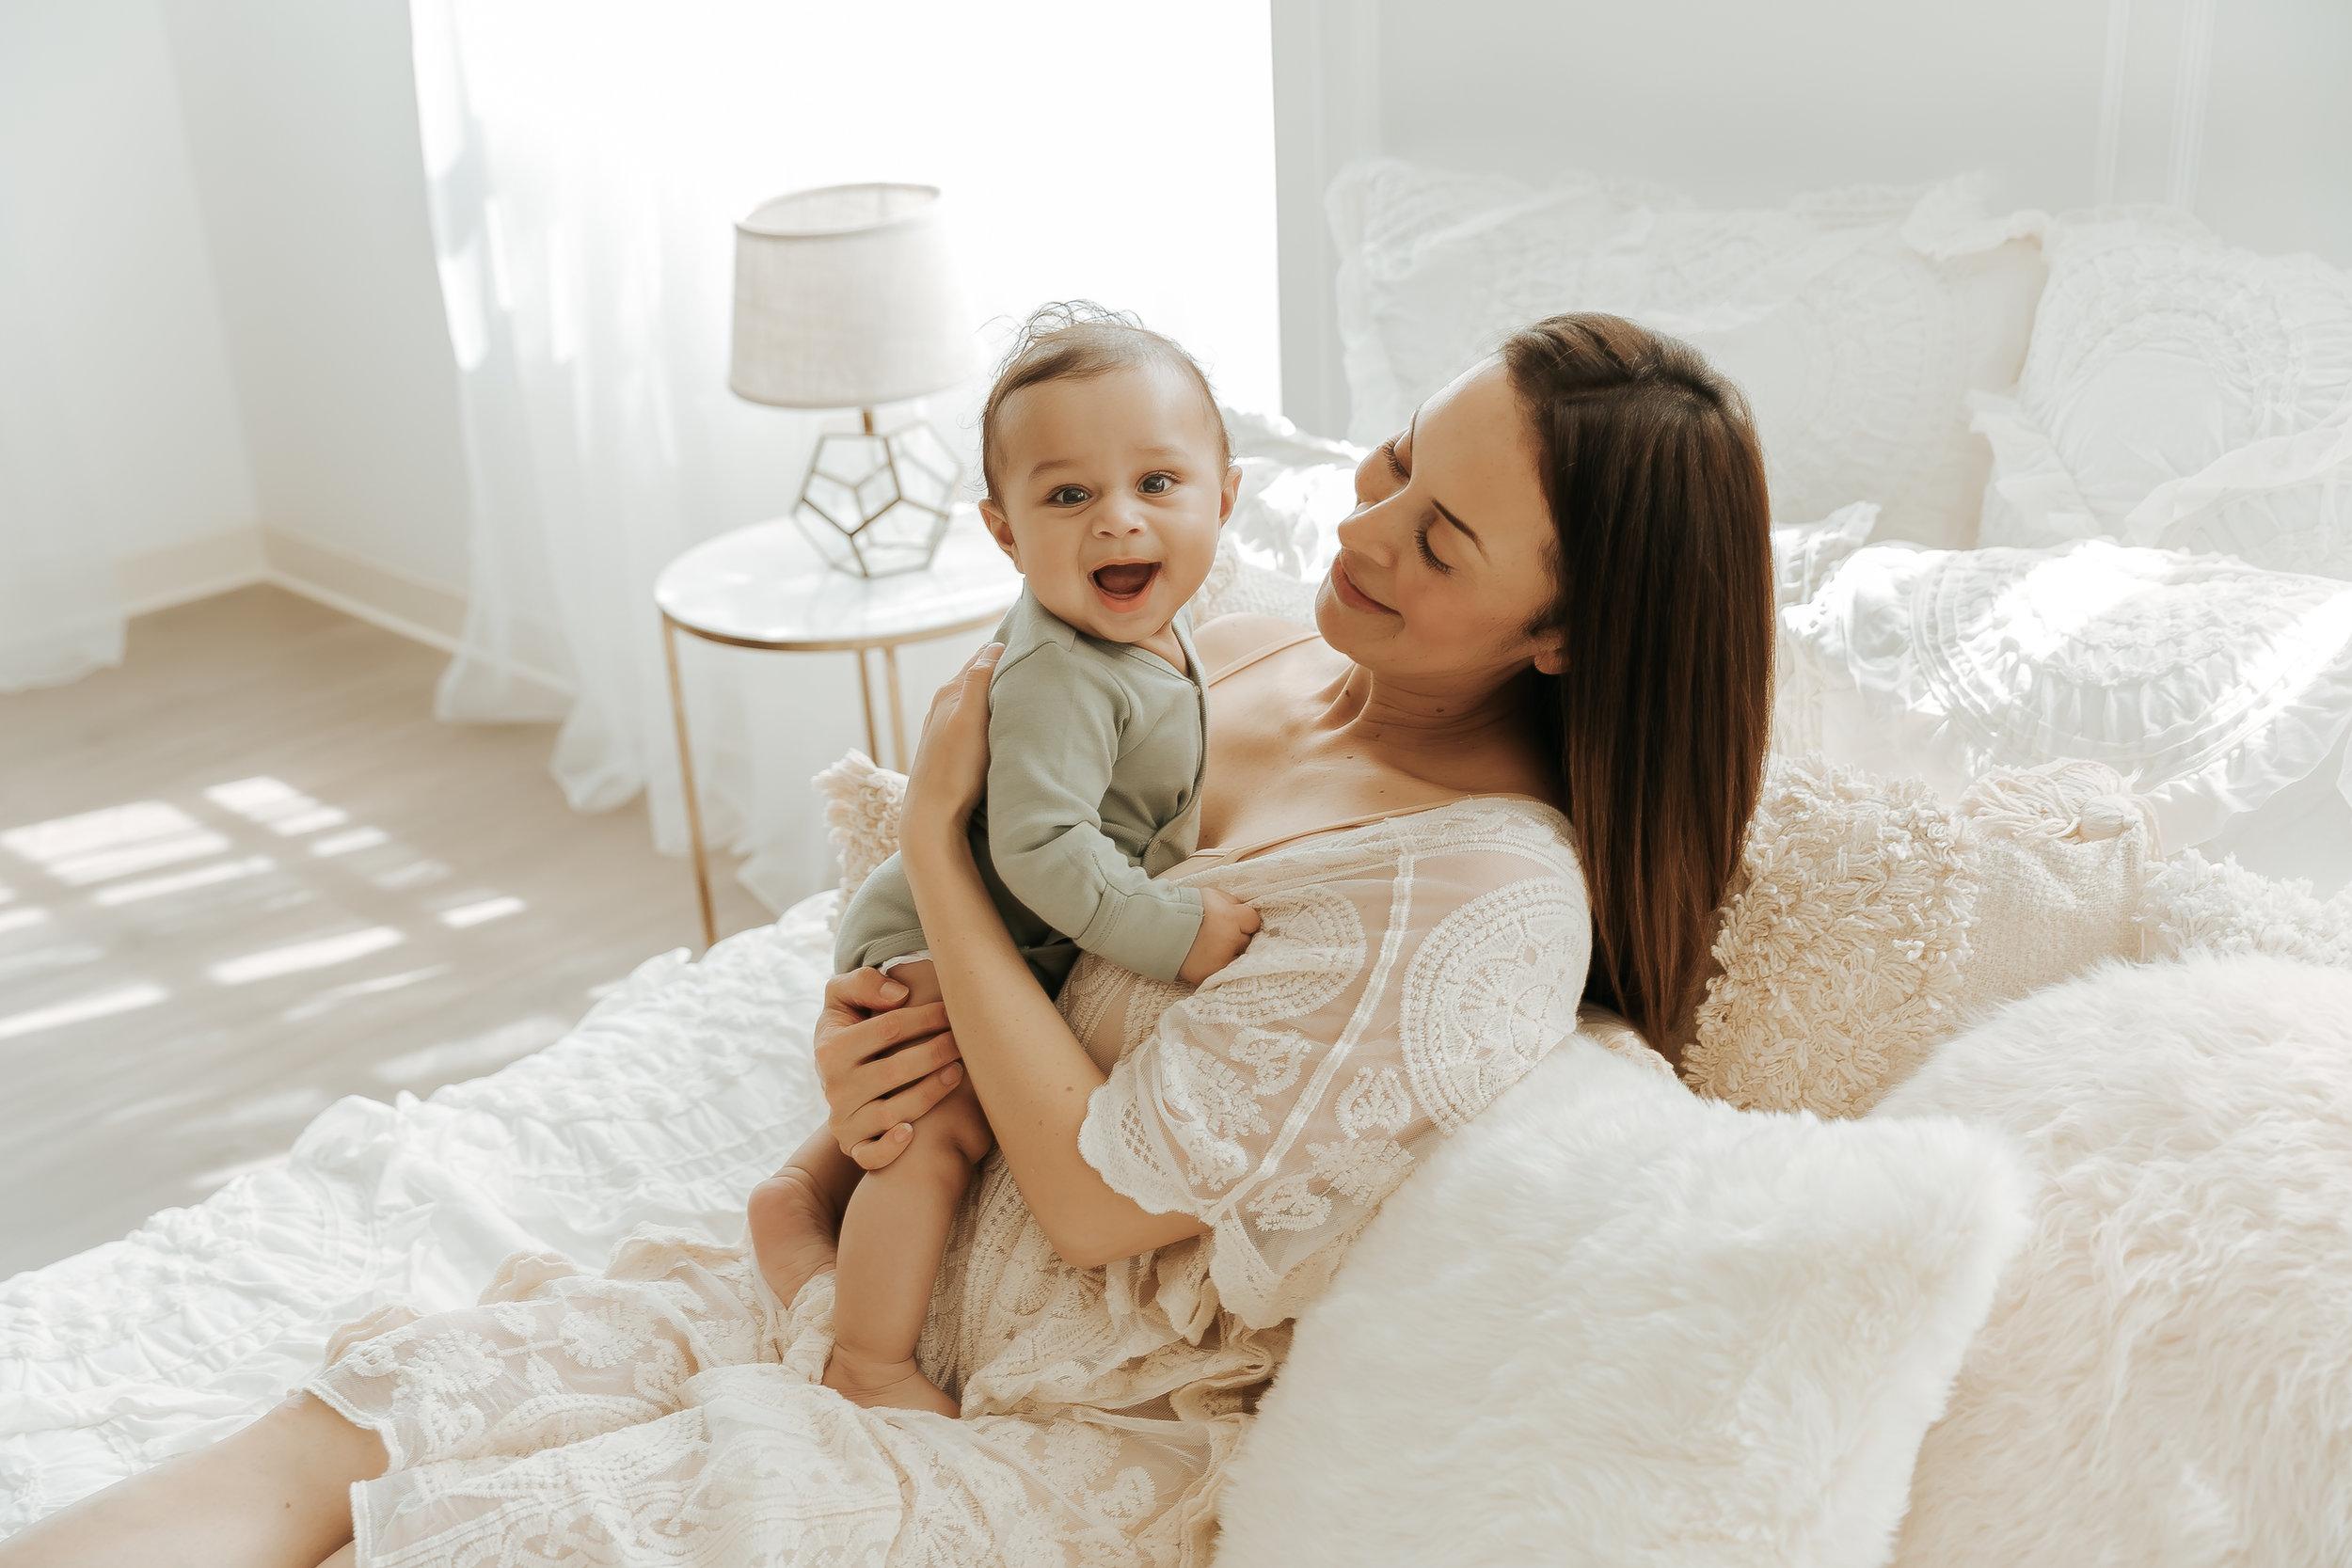 MotherhoodMiniSession2007-Edit-2.jpg